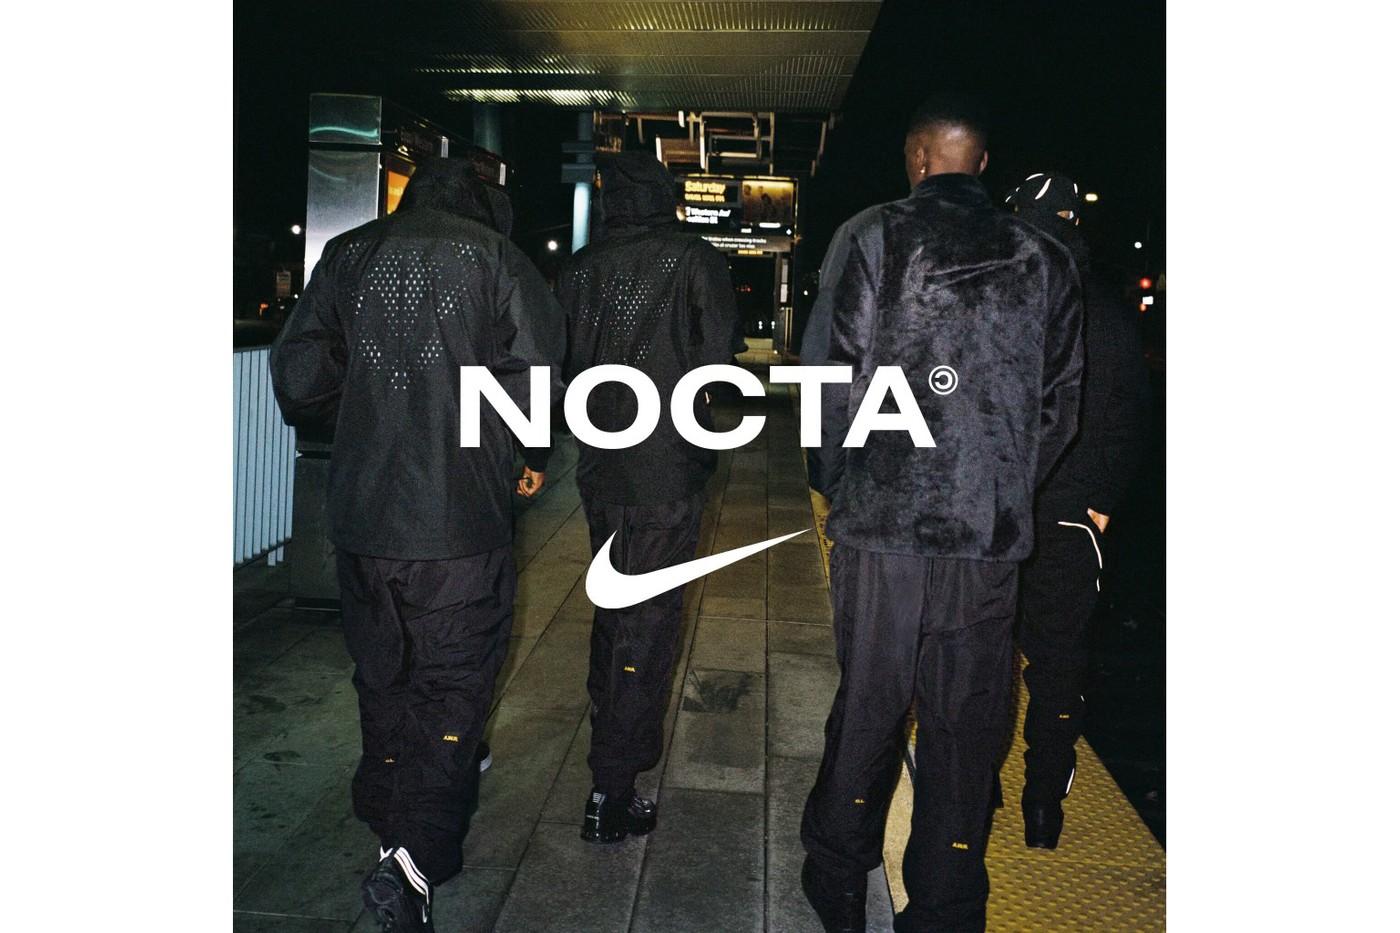 Дрейк и Nike показали лукбук второго дропа совместной линии NOCTA (фото 4)